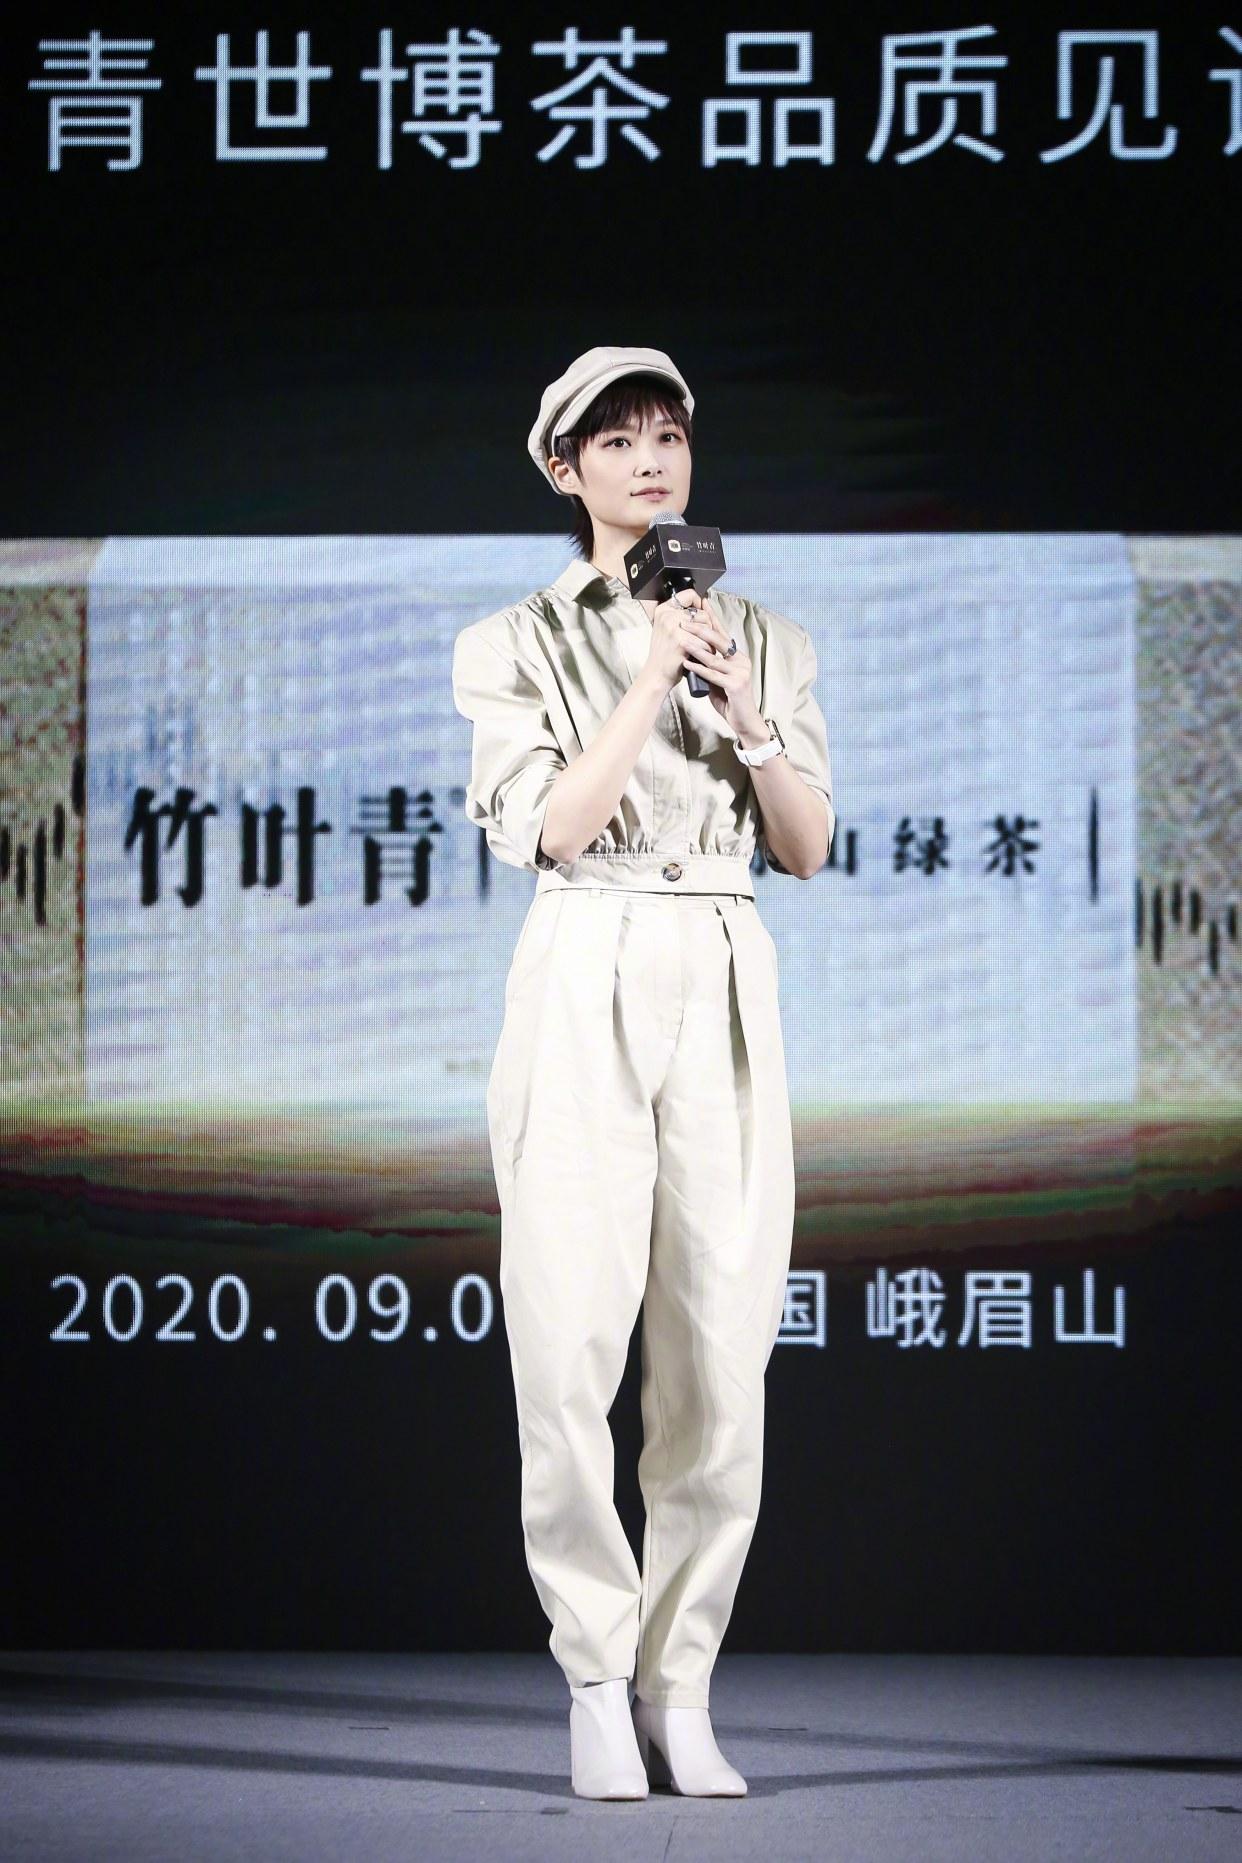 李宇春罕见穿连体裤,一身同色系穿搭配报童帽,利落摩登显帅气